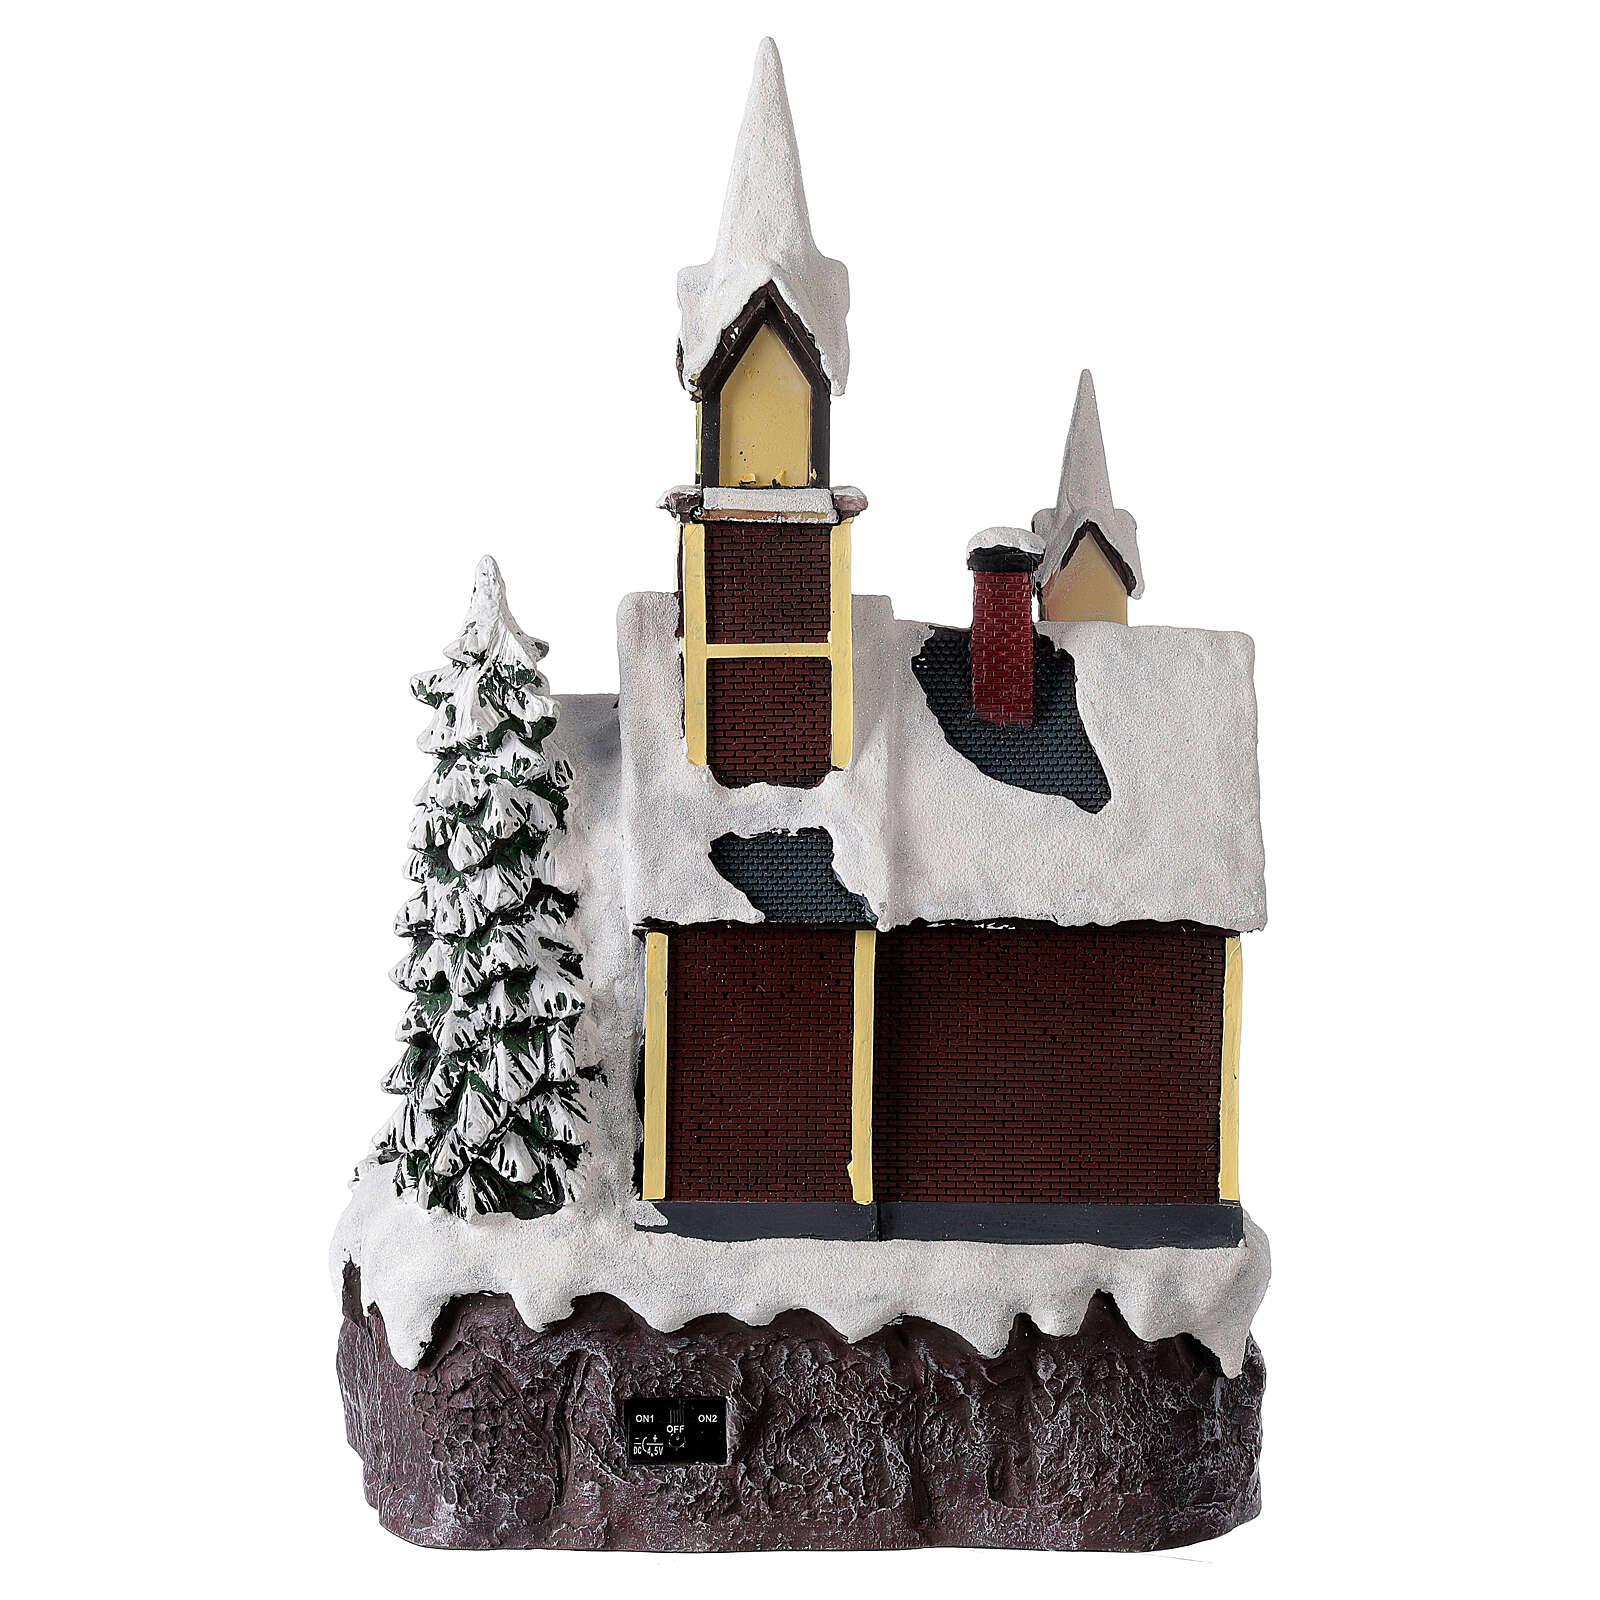 Igreja de estilo nórdico com neve, decoração natalina, luzes e música, 45x30x26 cm 3